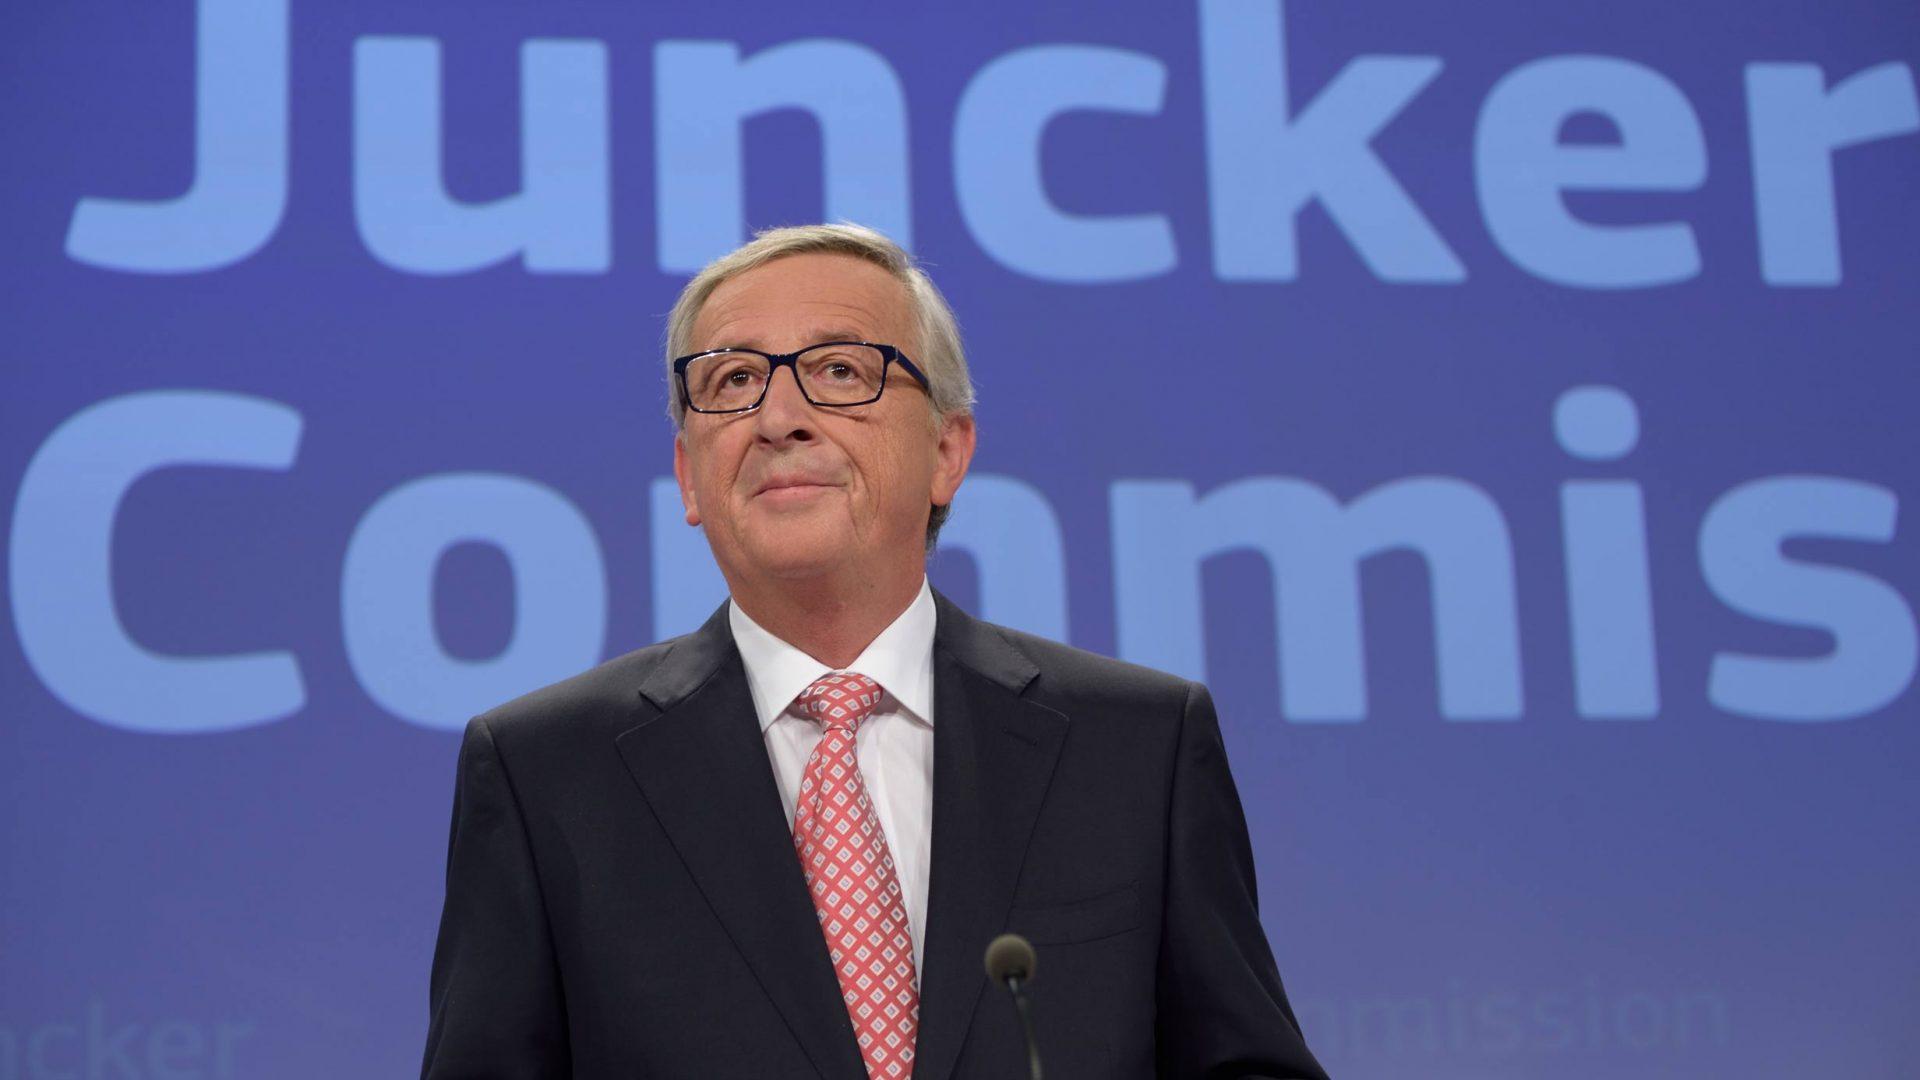 Kommissions-Chef Jean Claude Juncker möchte noch vor den Wahlen zum Europäischen Parlament seine wichtigsten Vorhaben abschließen. ©European Union, 2014 / Source: EC-Audiovisual Service / Photo: Georges Boulougouris